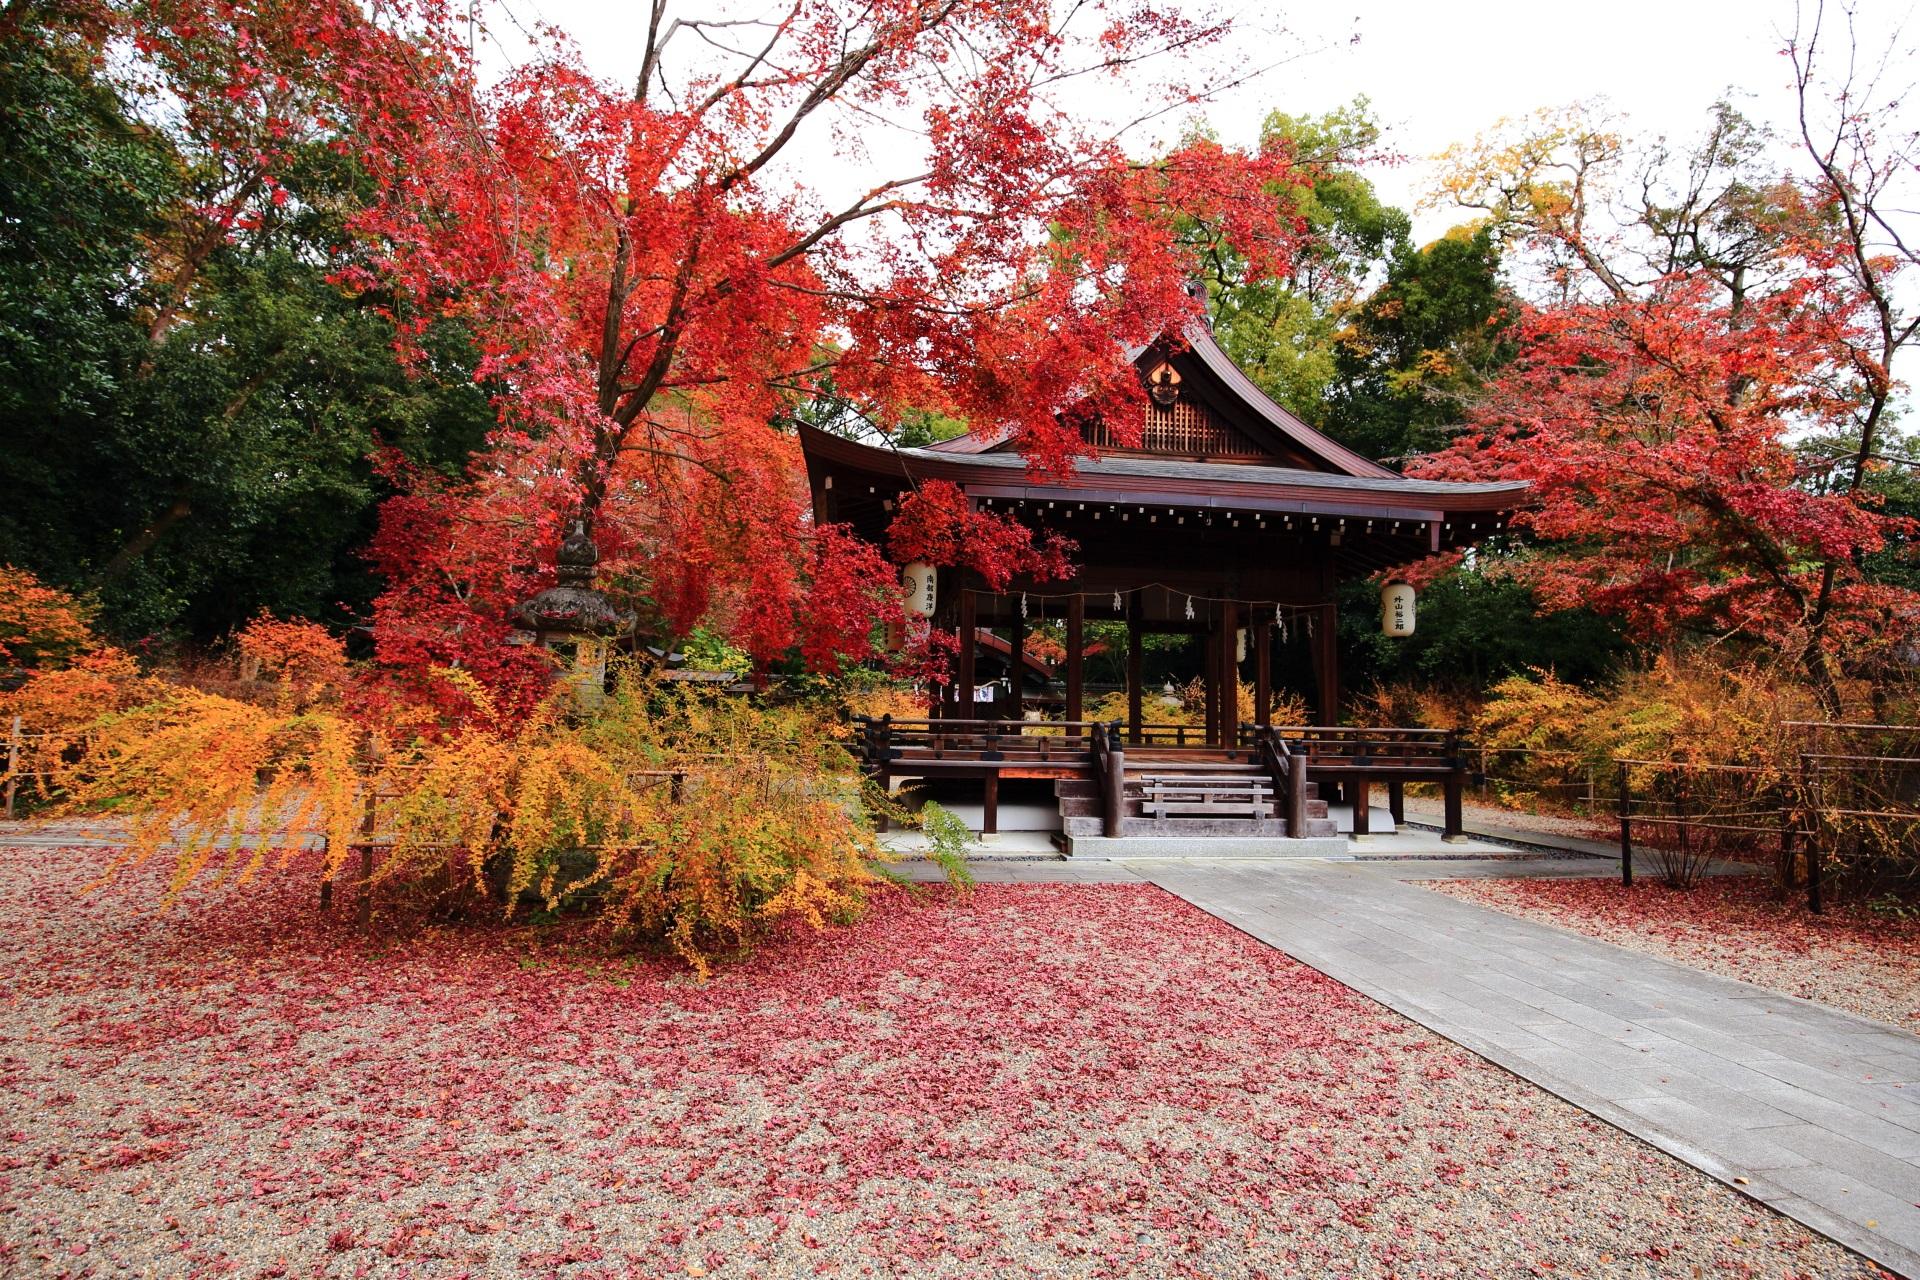 京都の紅葉の穴場の梨木神社